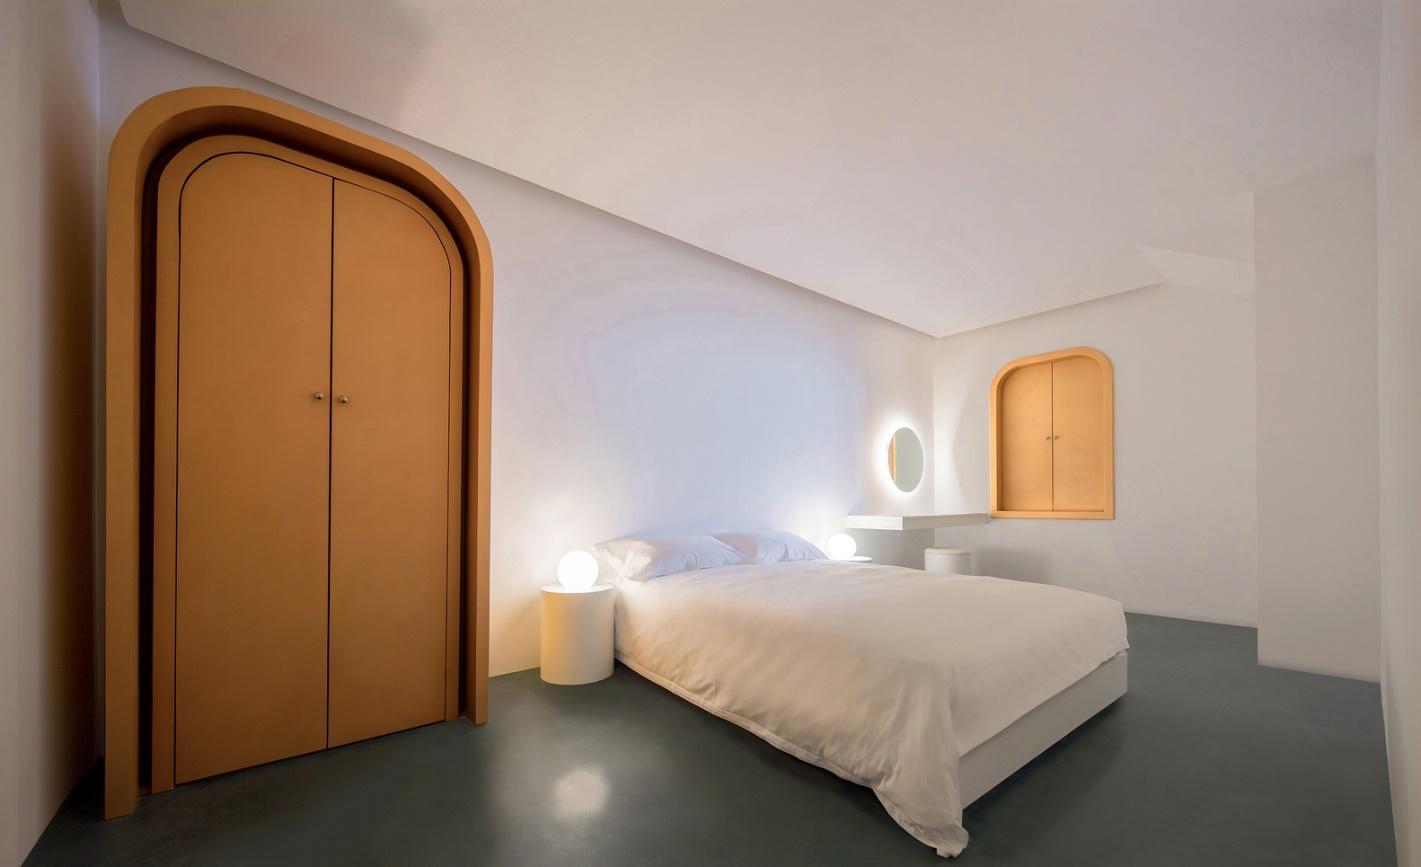 Toàn cảnh khu vực phòng ngủ.